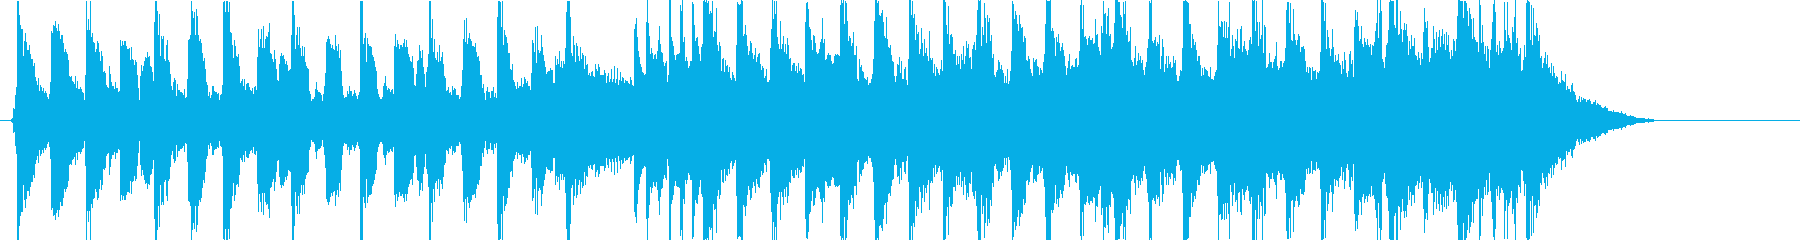 フレンチPOPなハプシコードの曲の再生済みの波形